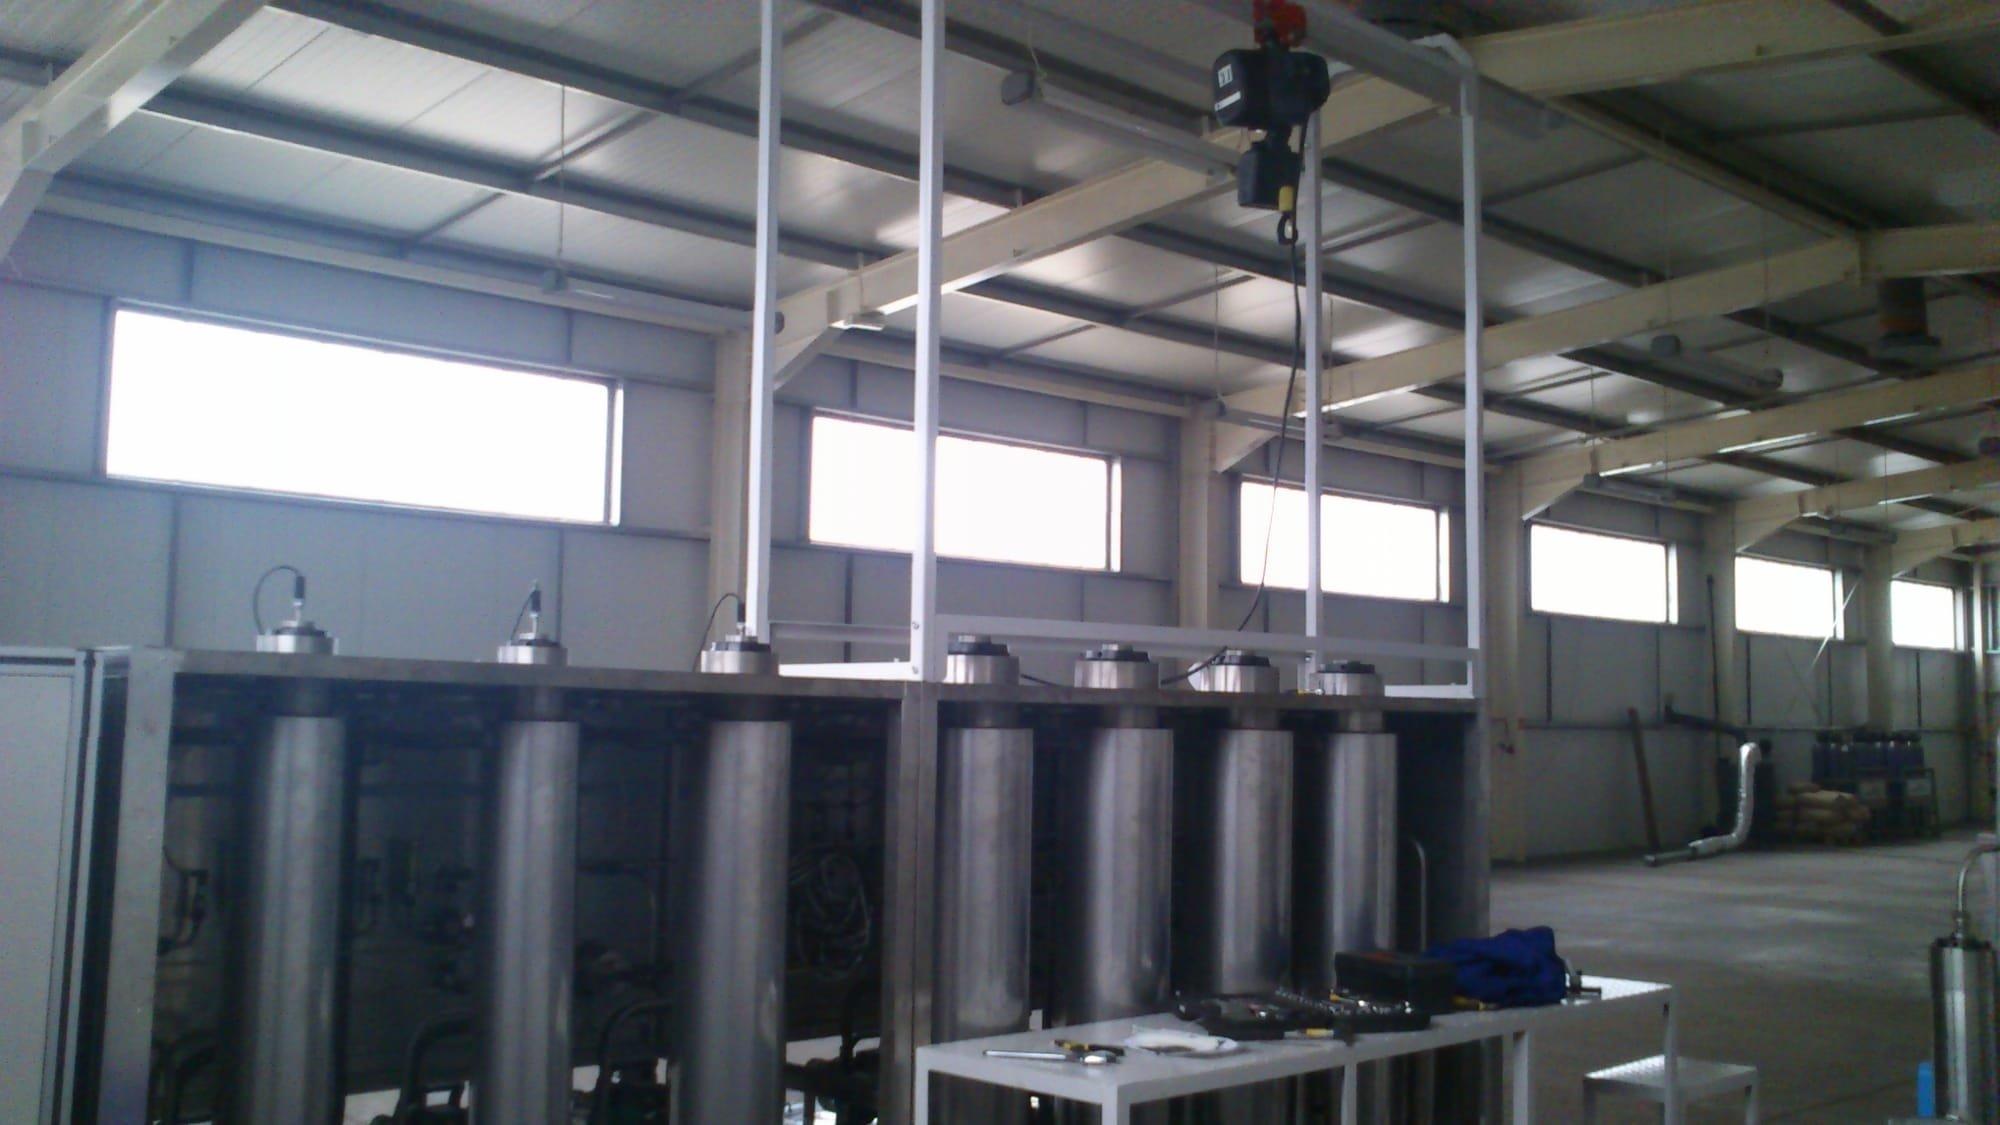 Supercritical extractors and separators